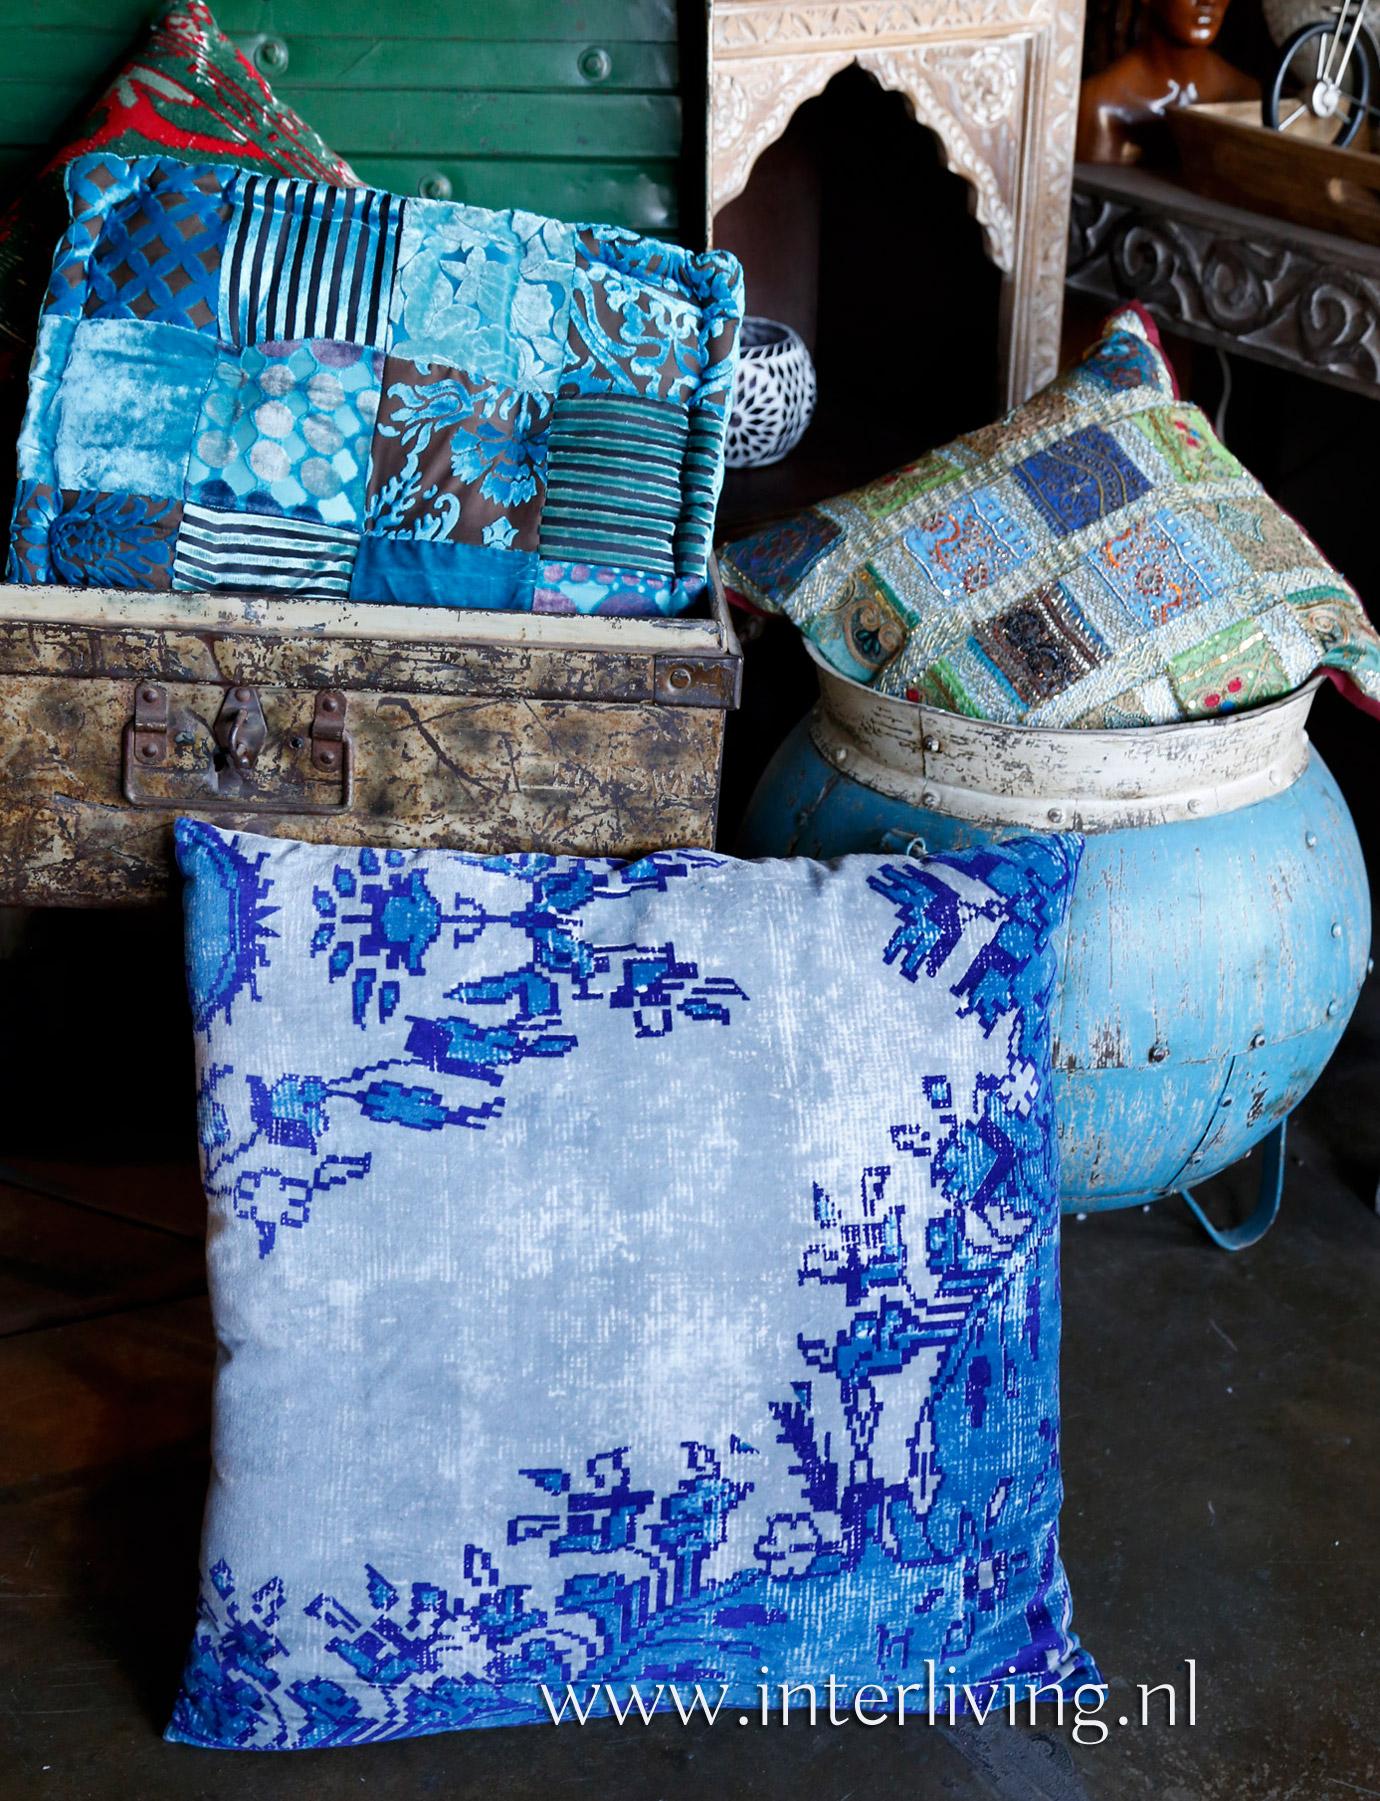 boho kussen - uniek vintage kilim vloerkleed stijl - verweerd tapijt kussen houten blauw